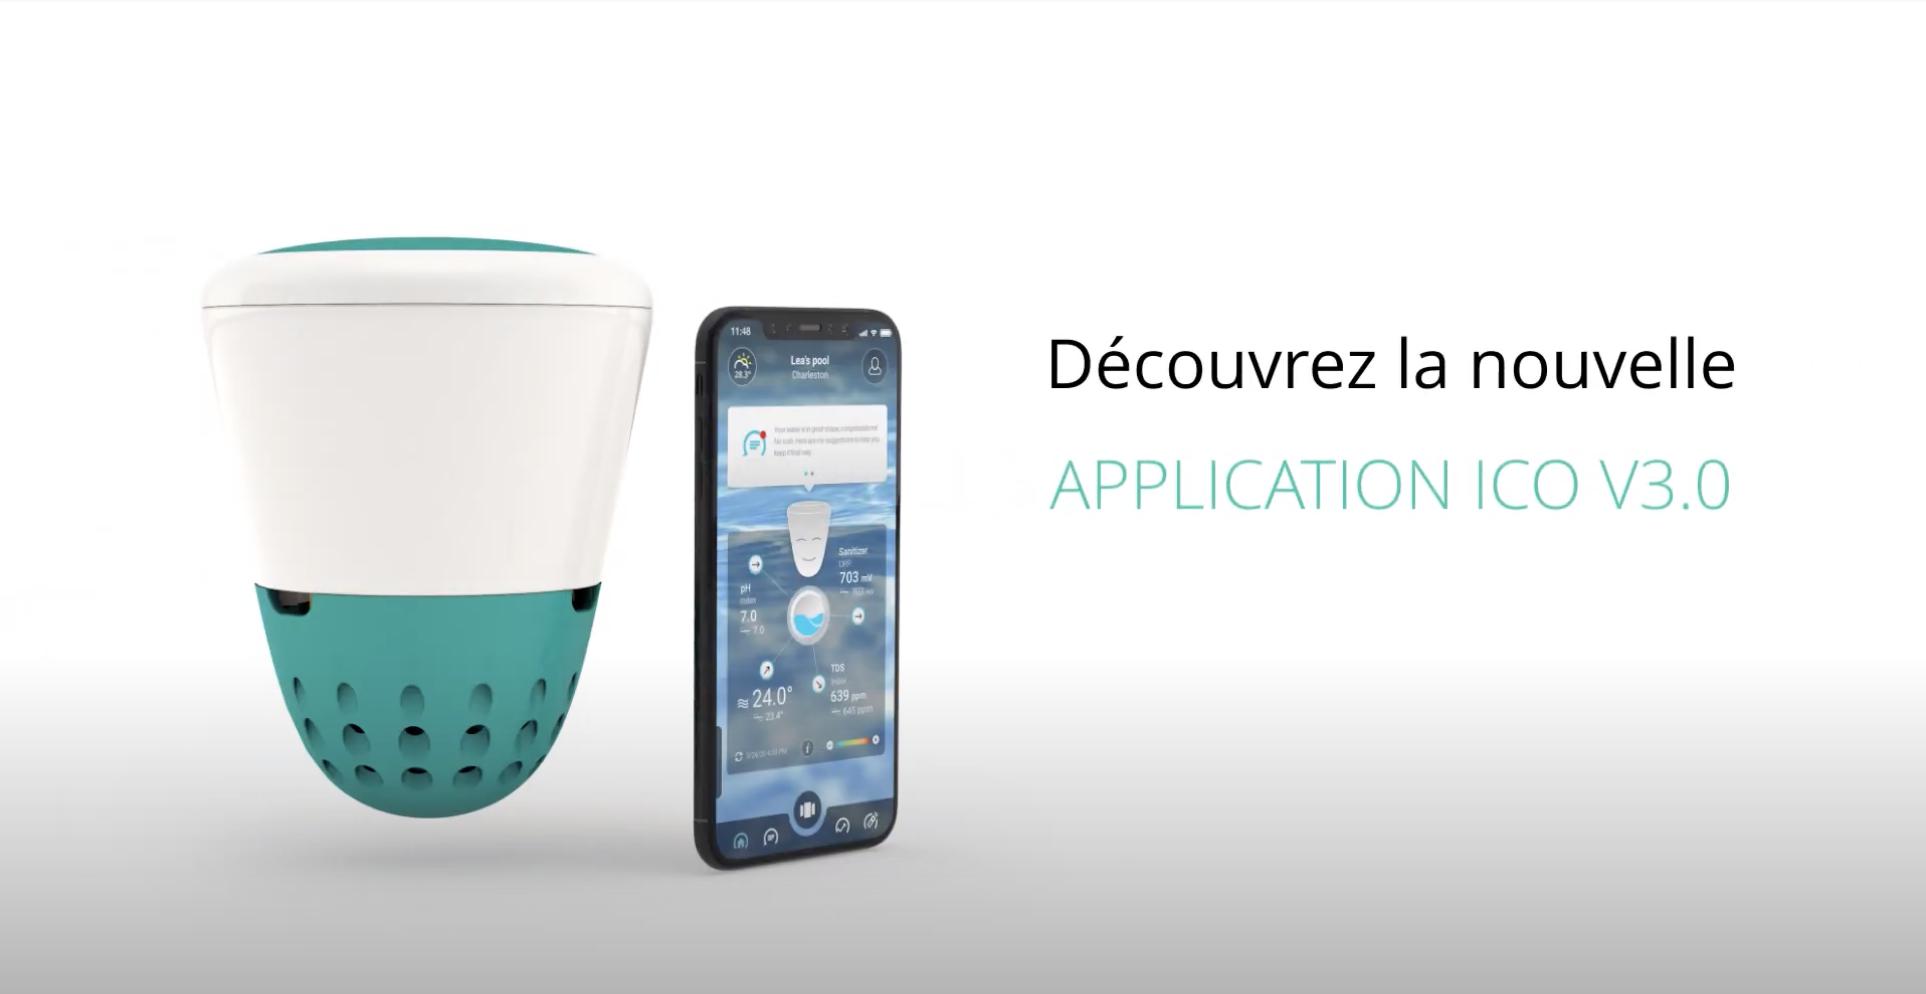 Nouvelle application mobile pour la sonde de piscine connectée Ondilo ICO